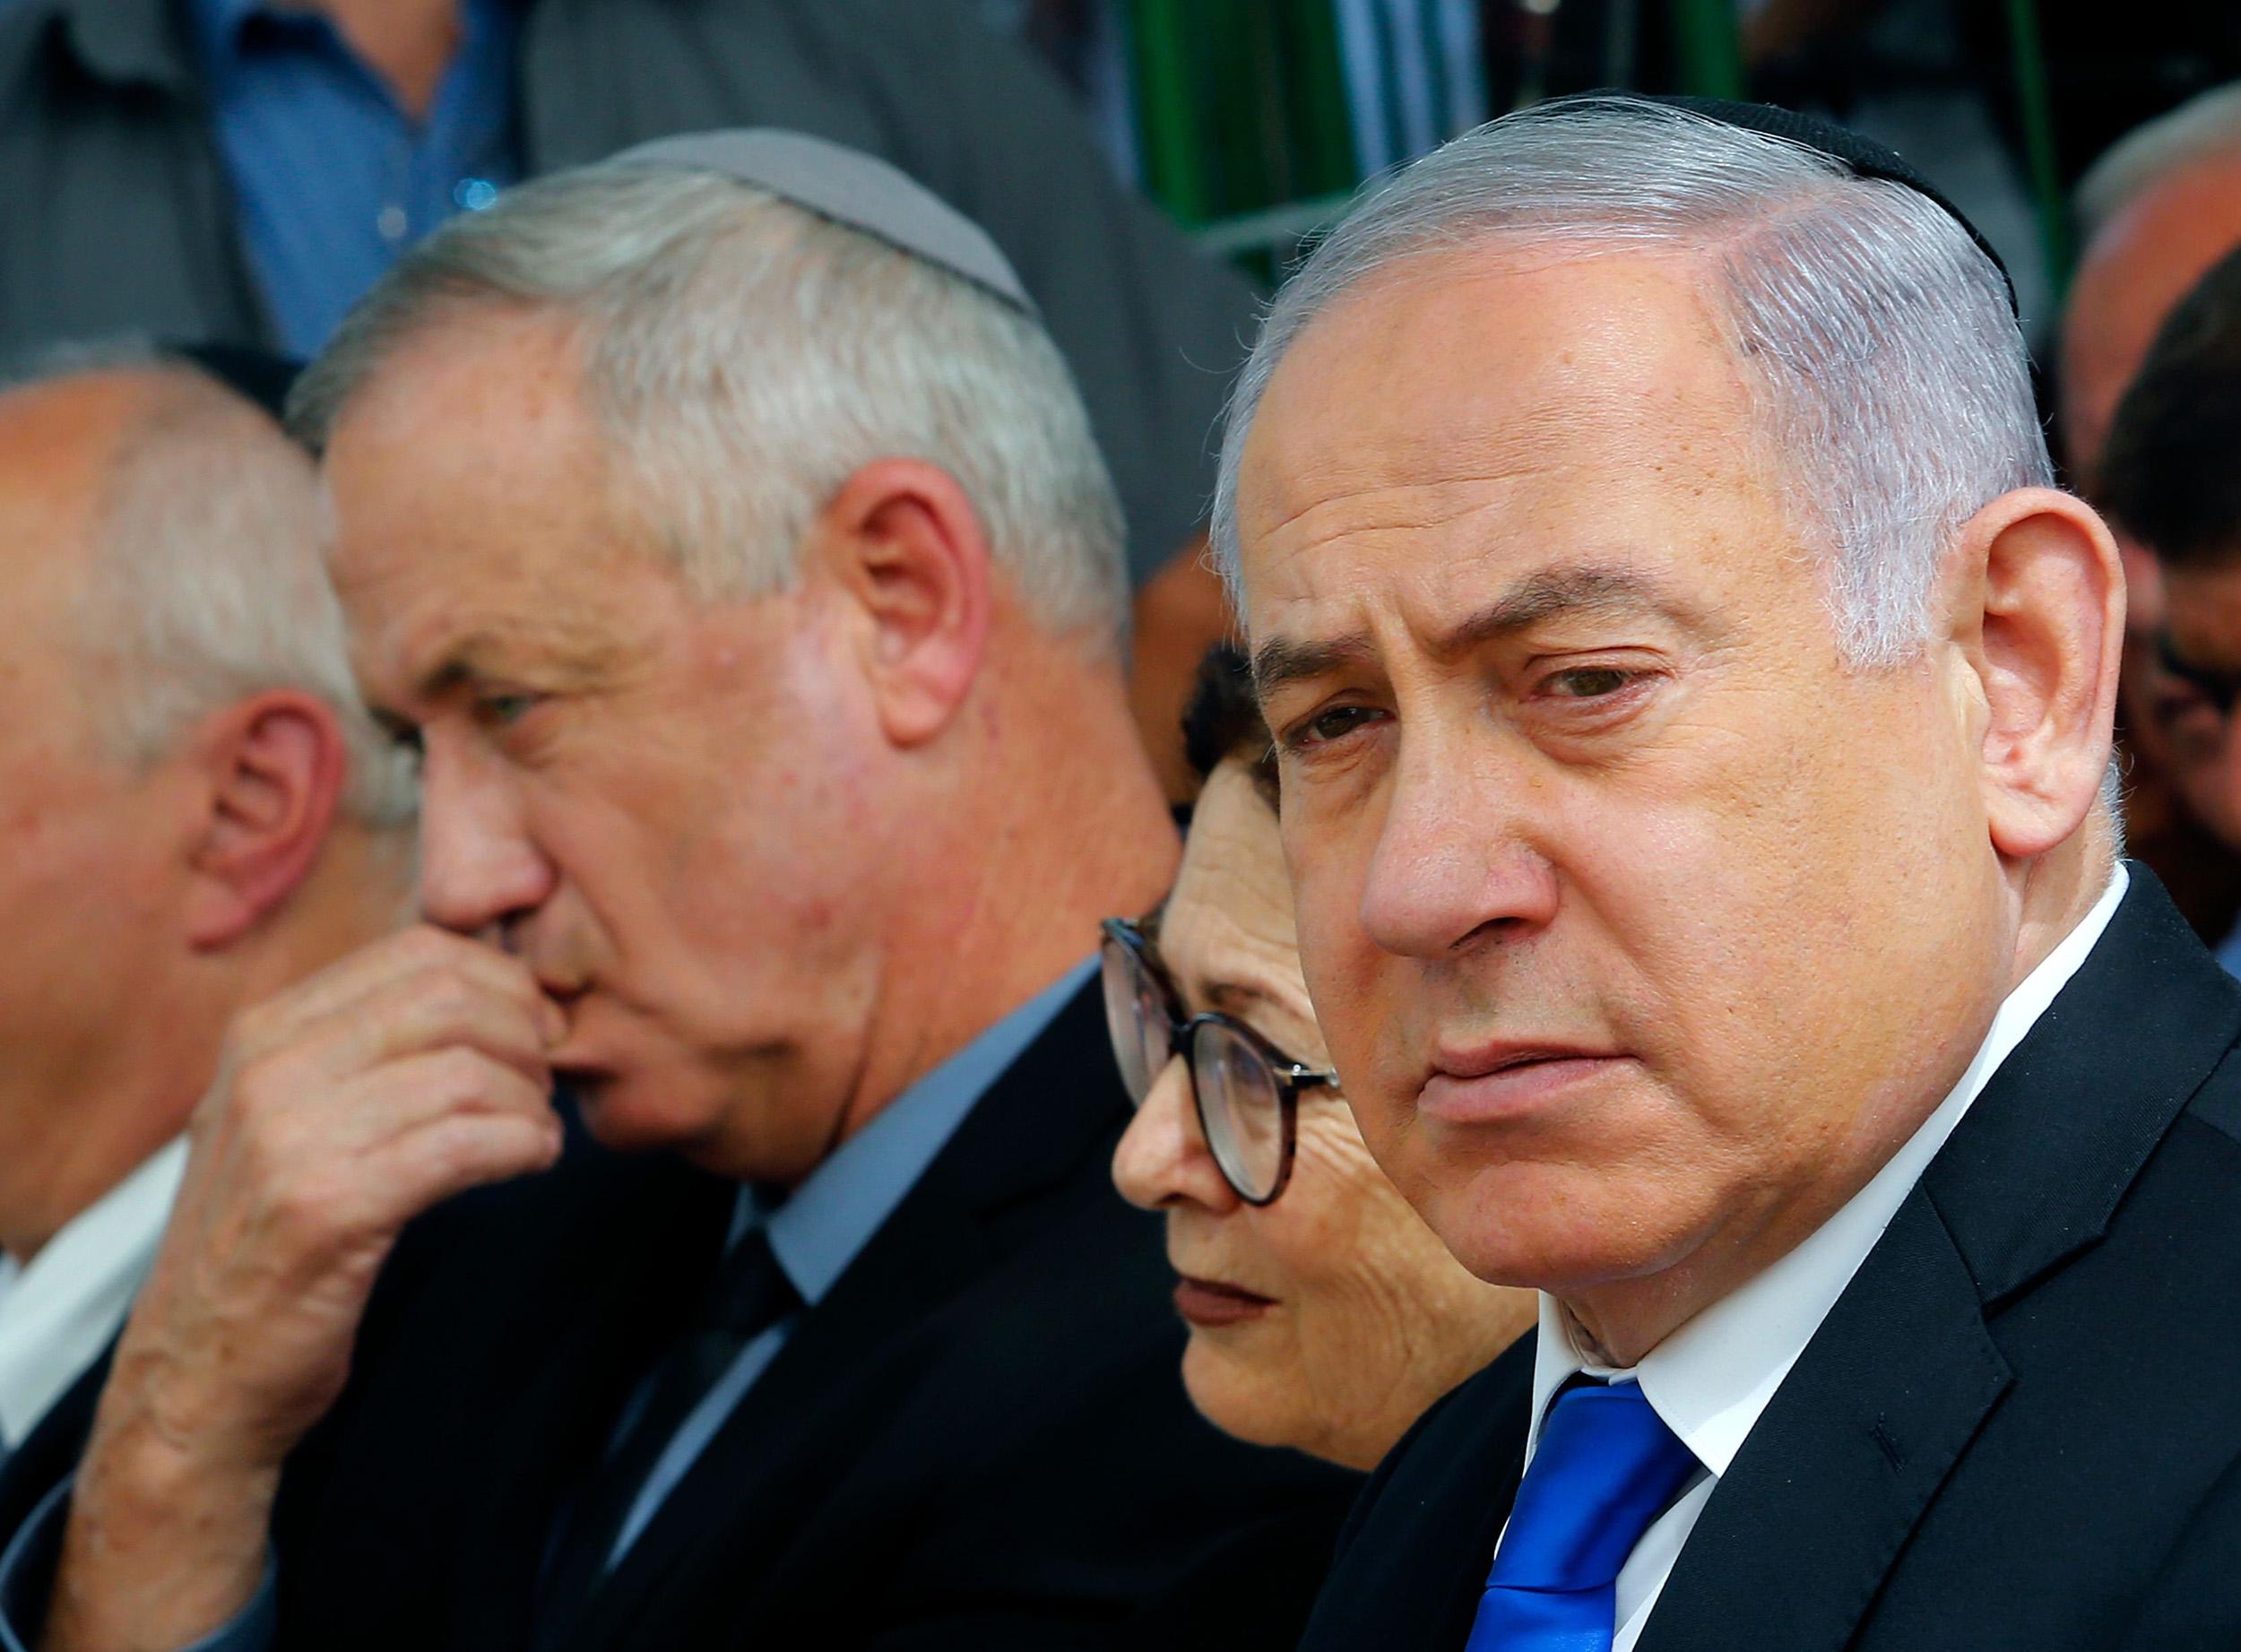 Глава Минобороны Израиля Бени Ганц (слева) и премьер-министр Биньямин Нетаньяху (справа)